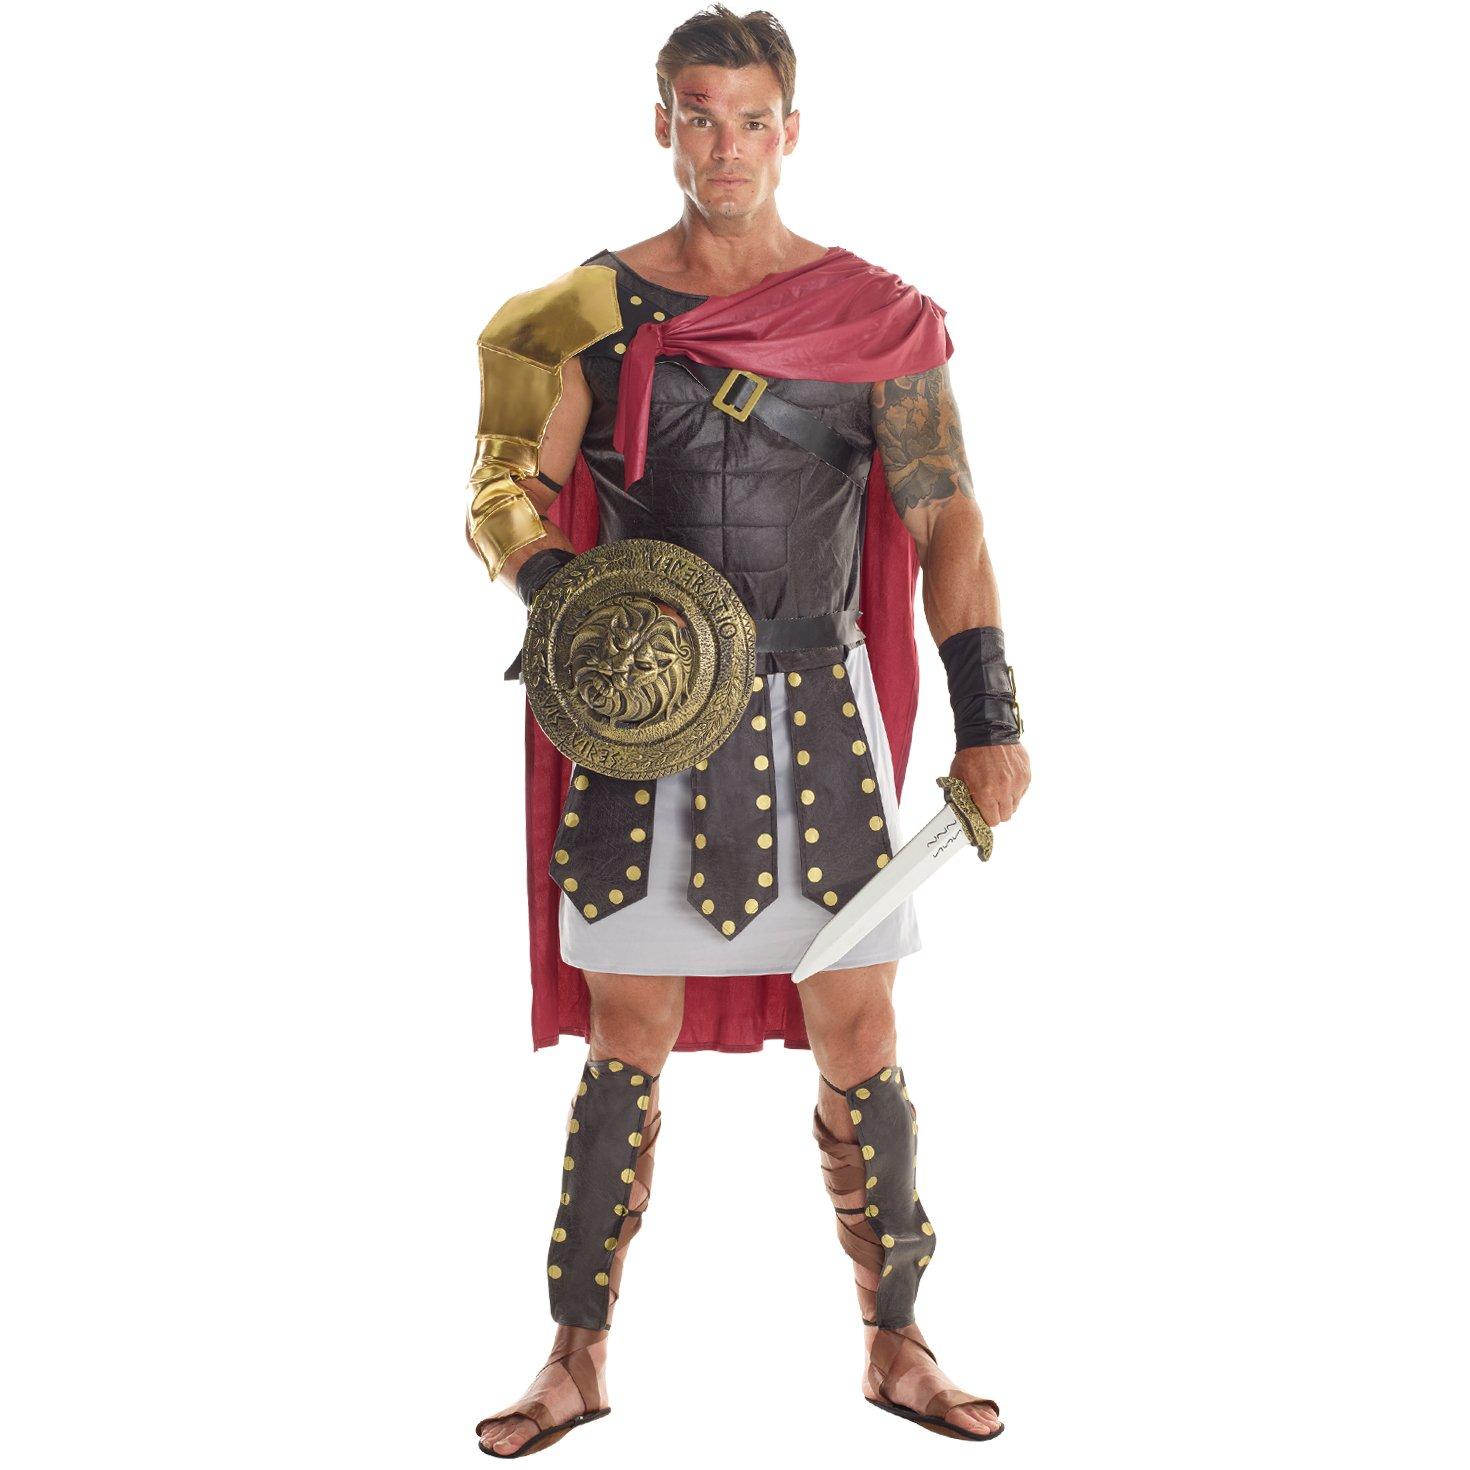 Morph Soldado Gladiador Romano marrón Disfraz Carnevale - Grande (42-44 Pulgadas / 107-112 cm Pecho)